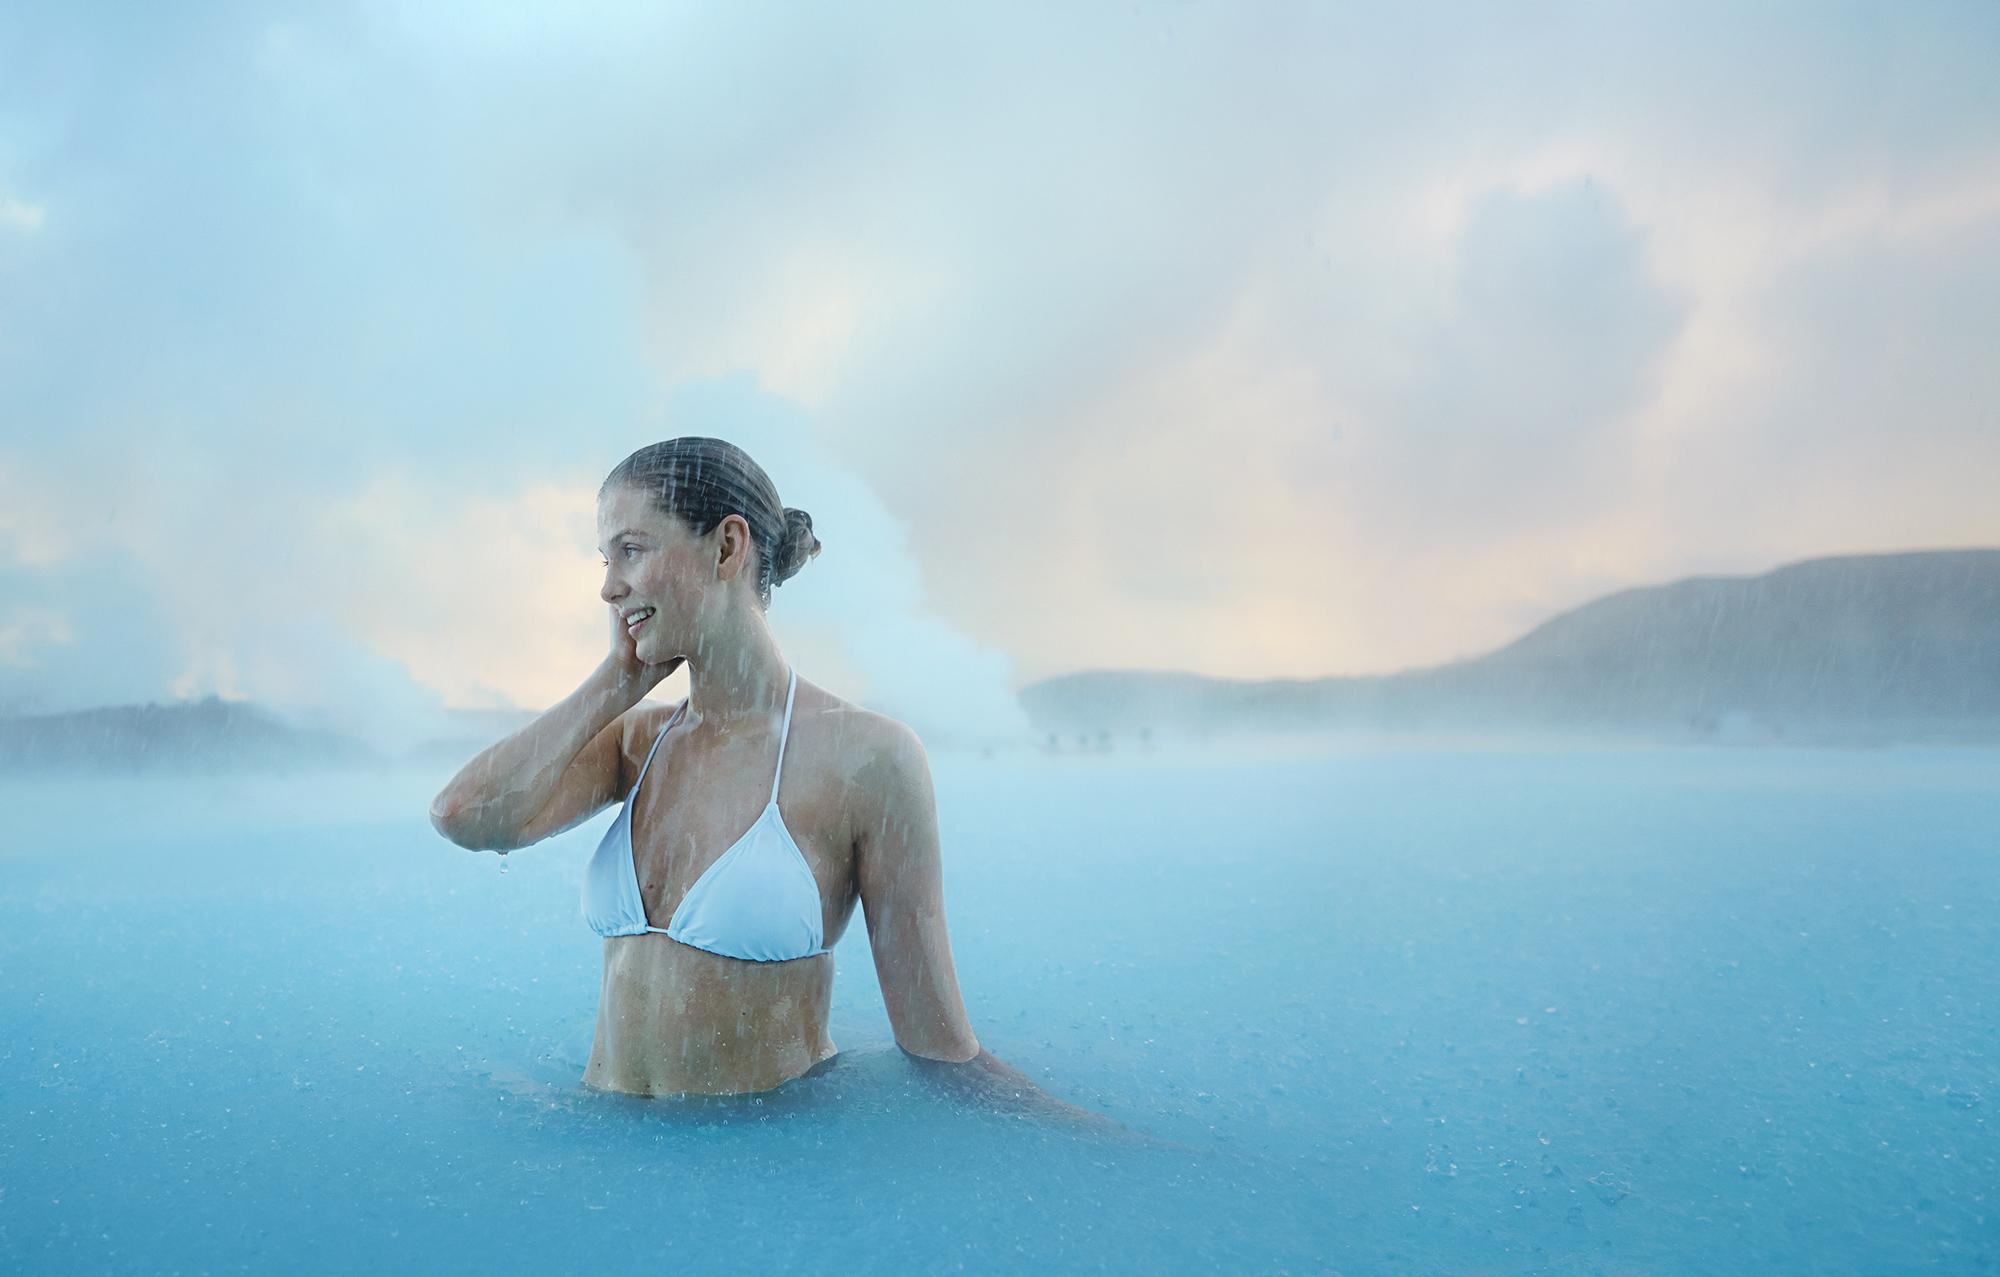 Den silisiumoksidholdige gjørmen ved Den blå lagune er kjent for sine helbredende egenskaper.